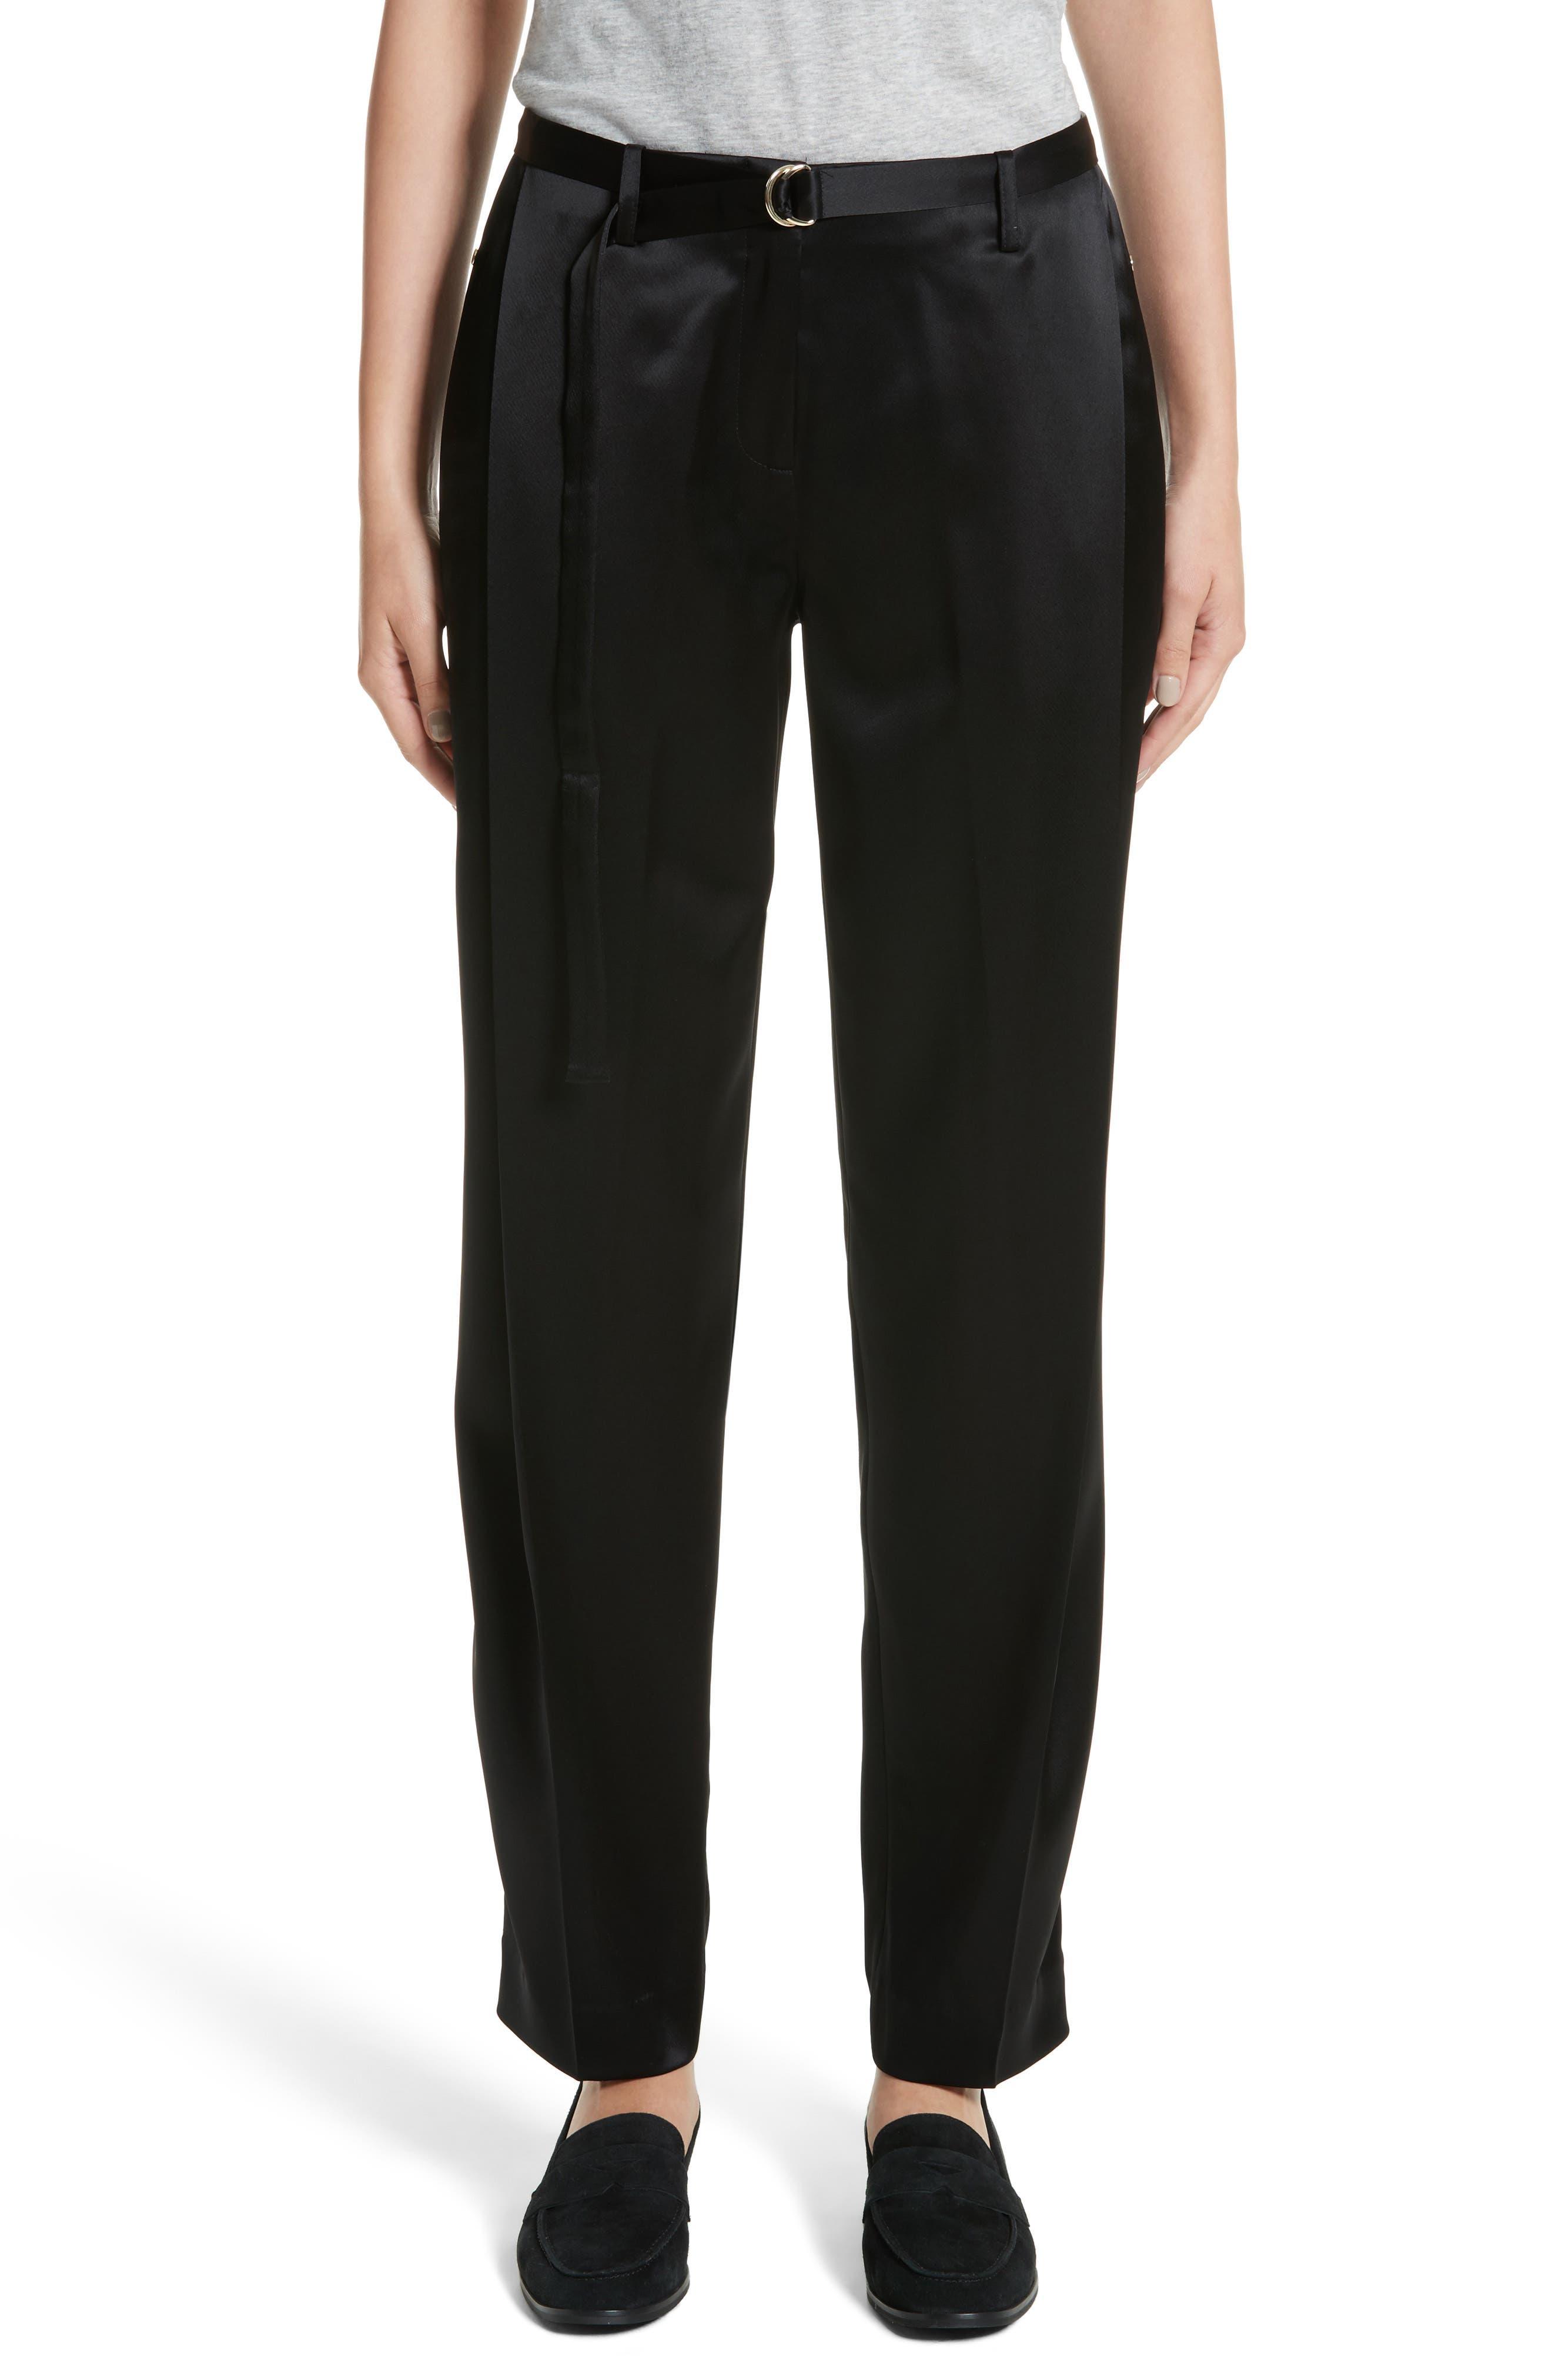 Nassau Reverie Satin Cloth Pants,                         Main,                         color,